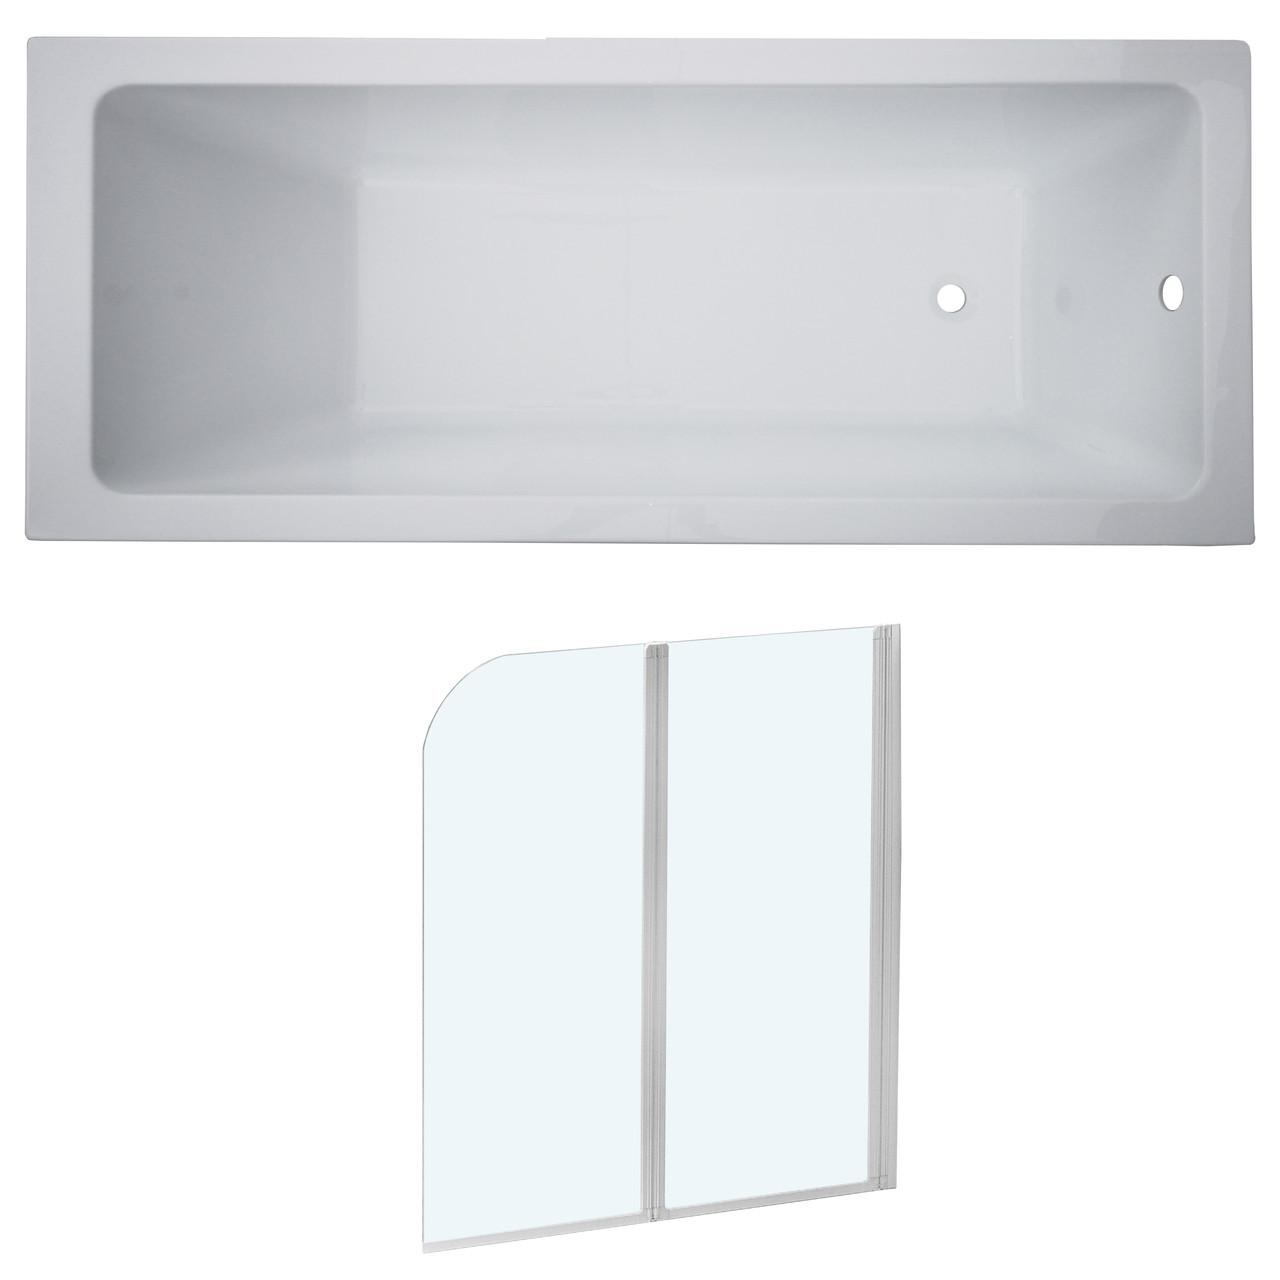 Комплект: LIBRA ванна 170*70*45,8см без ножек + EGER шторка на ванну 120*138см, профиль белый